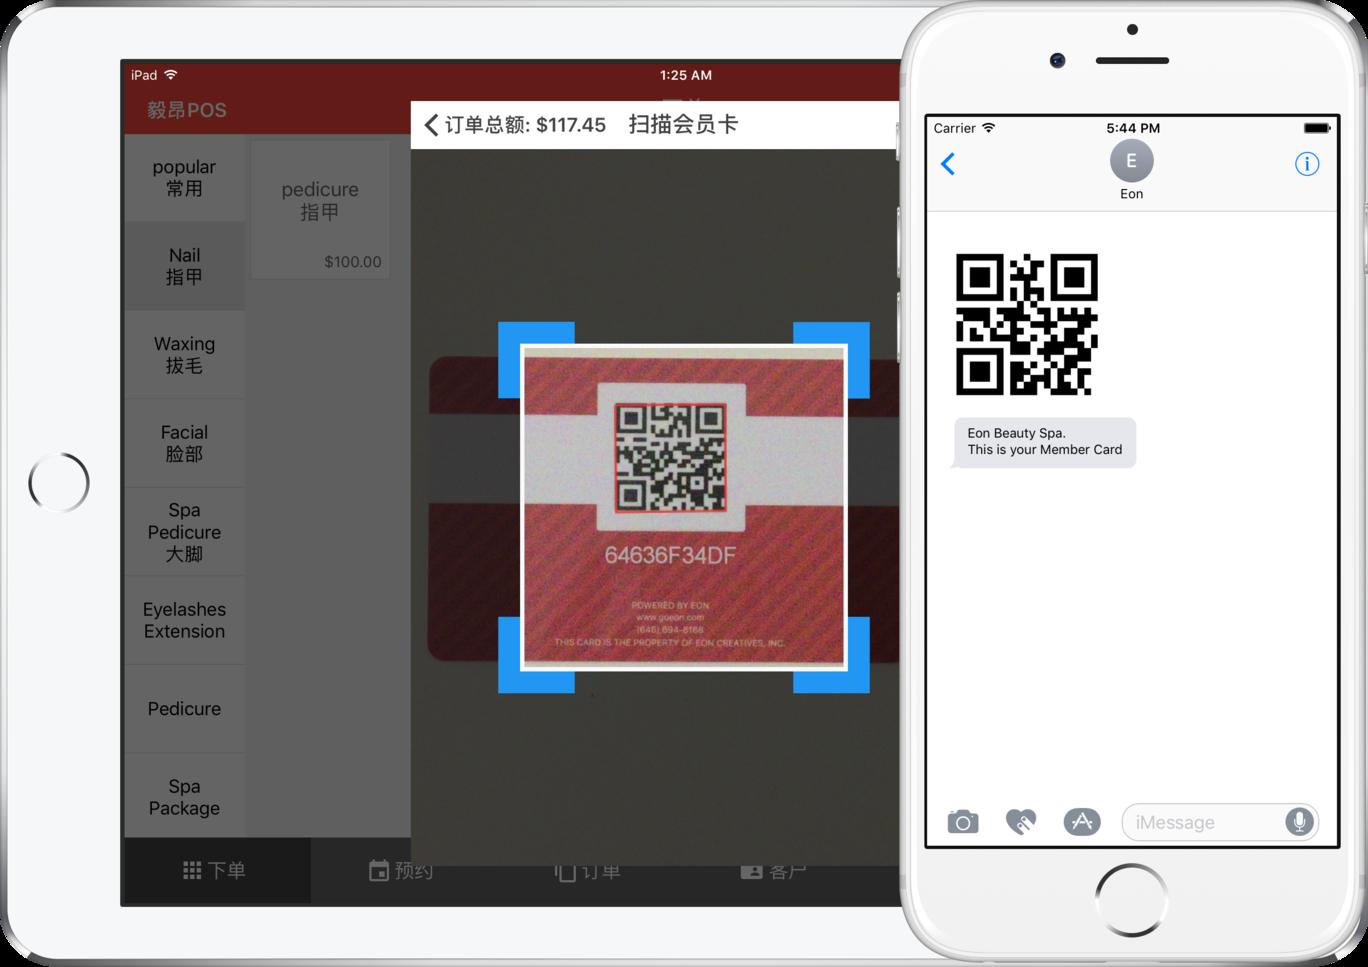 礼卡 + 储值 - 简单的礼卡销售。扫二维码识别礼卡与会员账号。 会员充值,消费记录一目了然。外加电子会员卡,简单实惠。